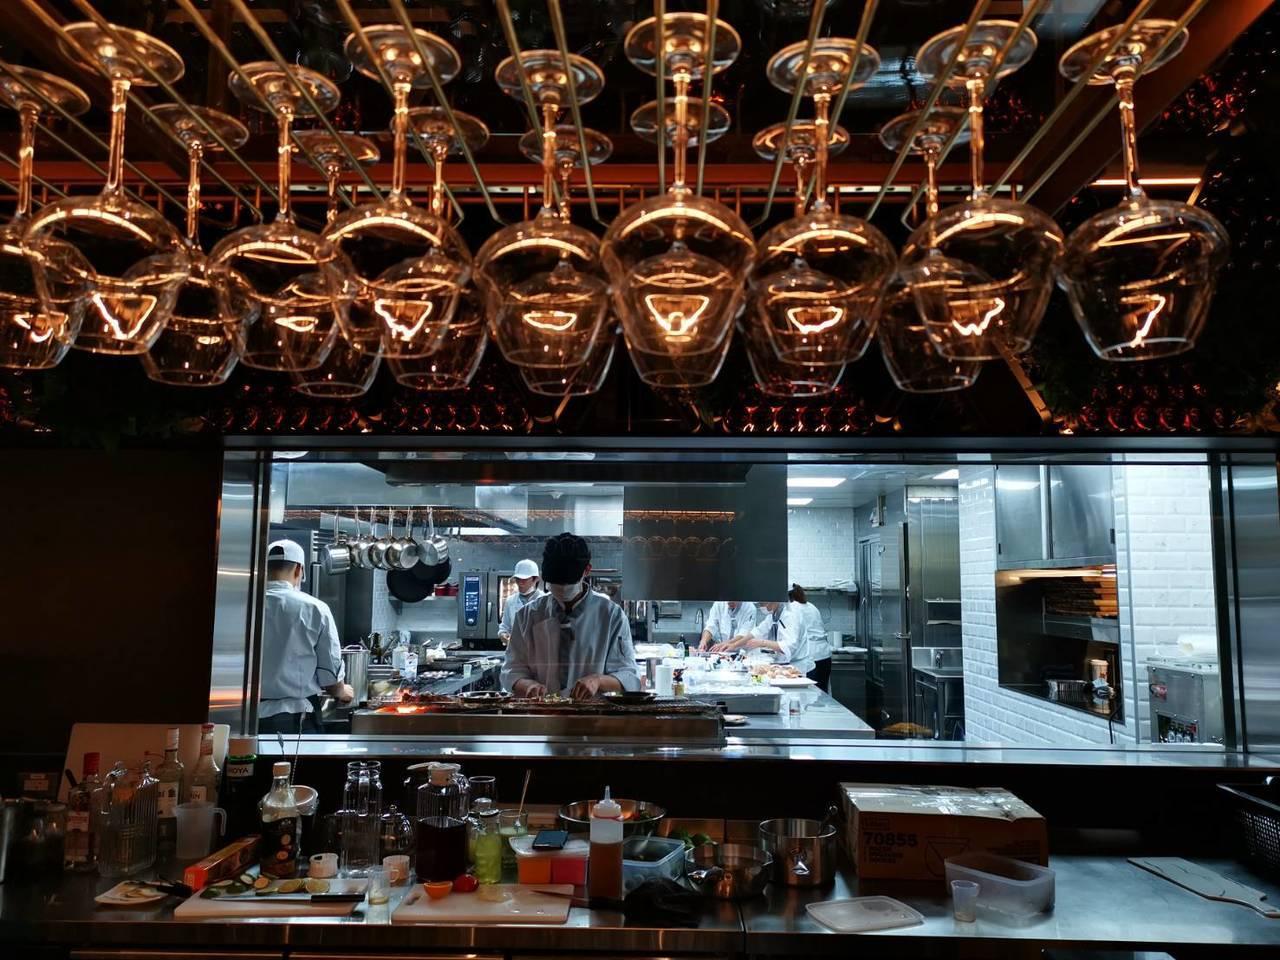 UMAMI採開放式廚房,讓消費者看到廚房內忙碌的情形。記者韓化宇/攝影